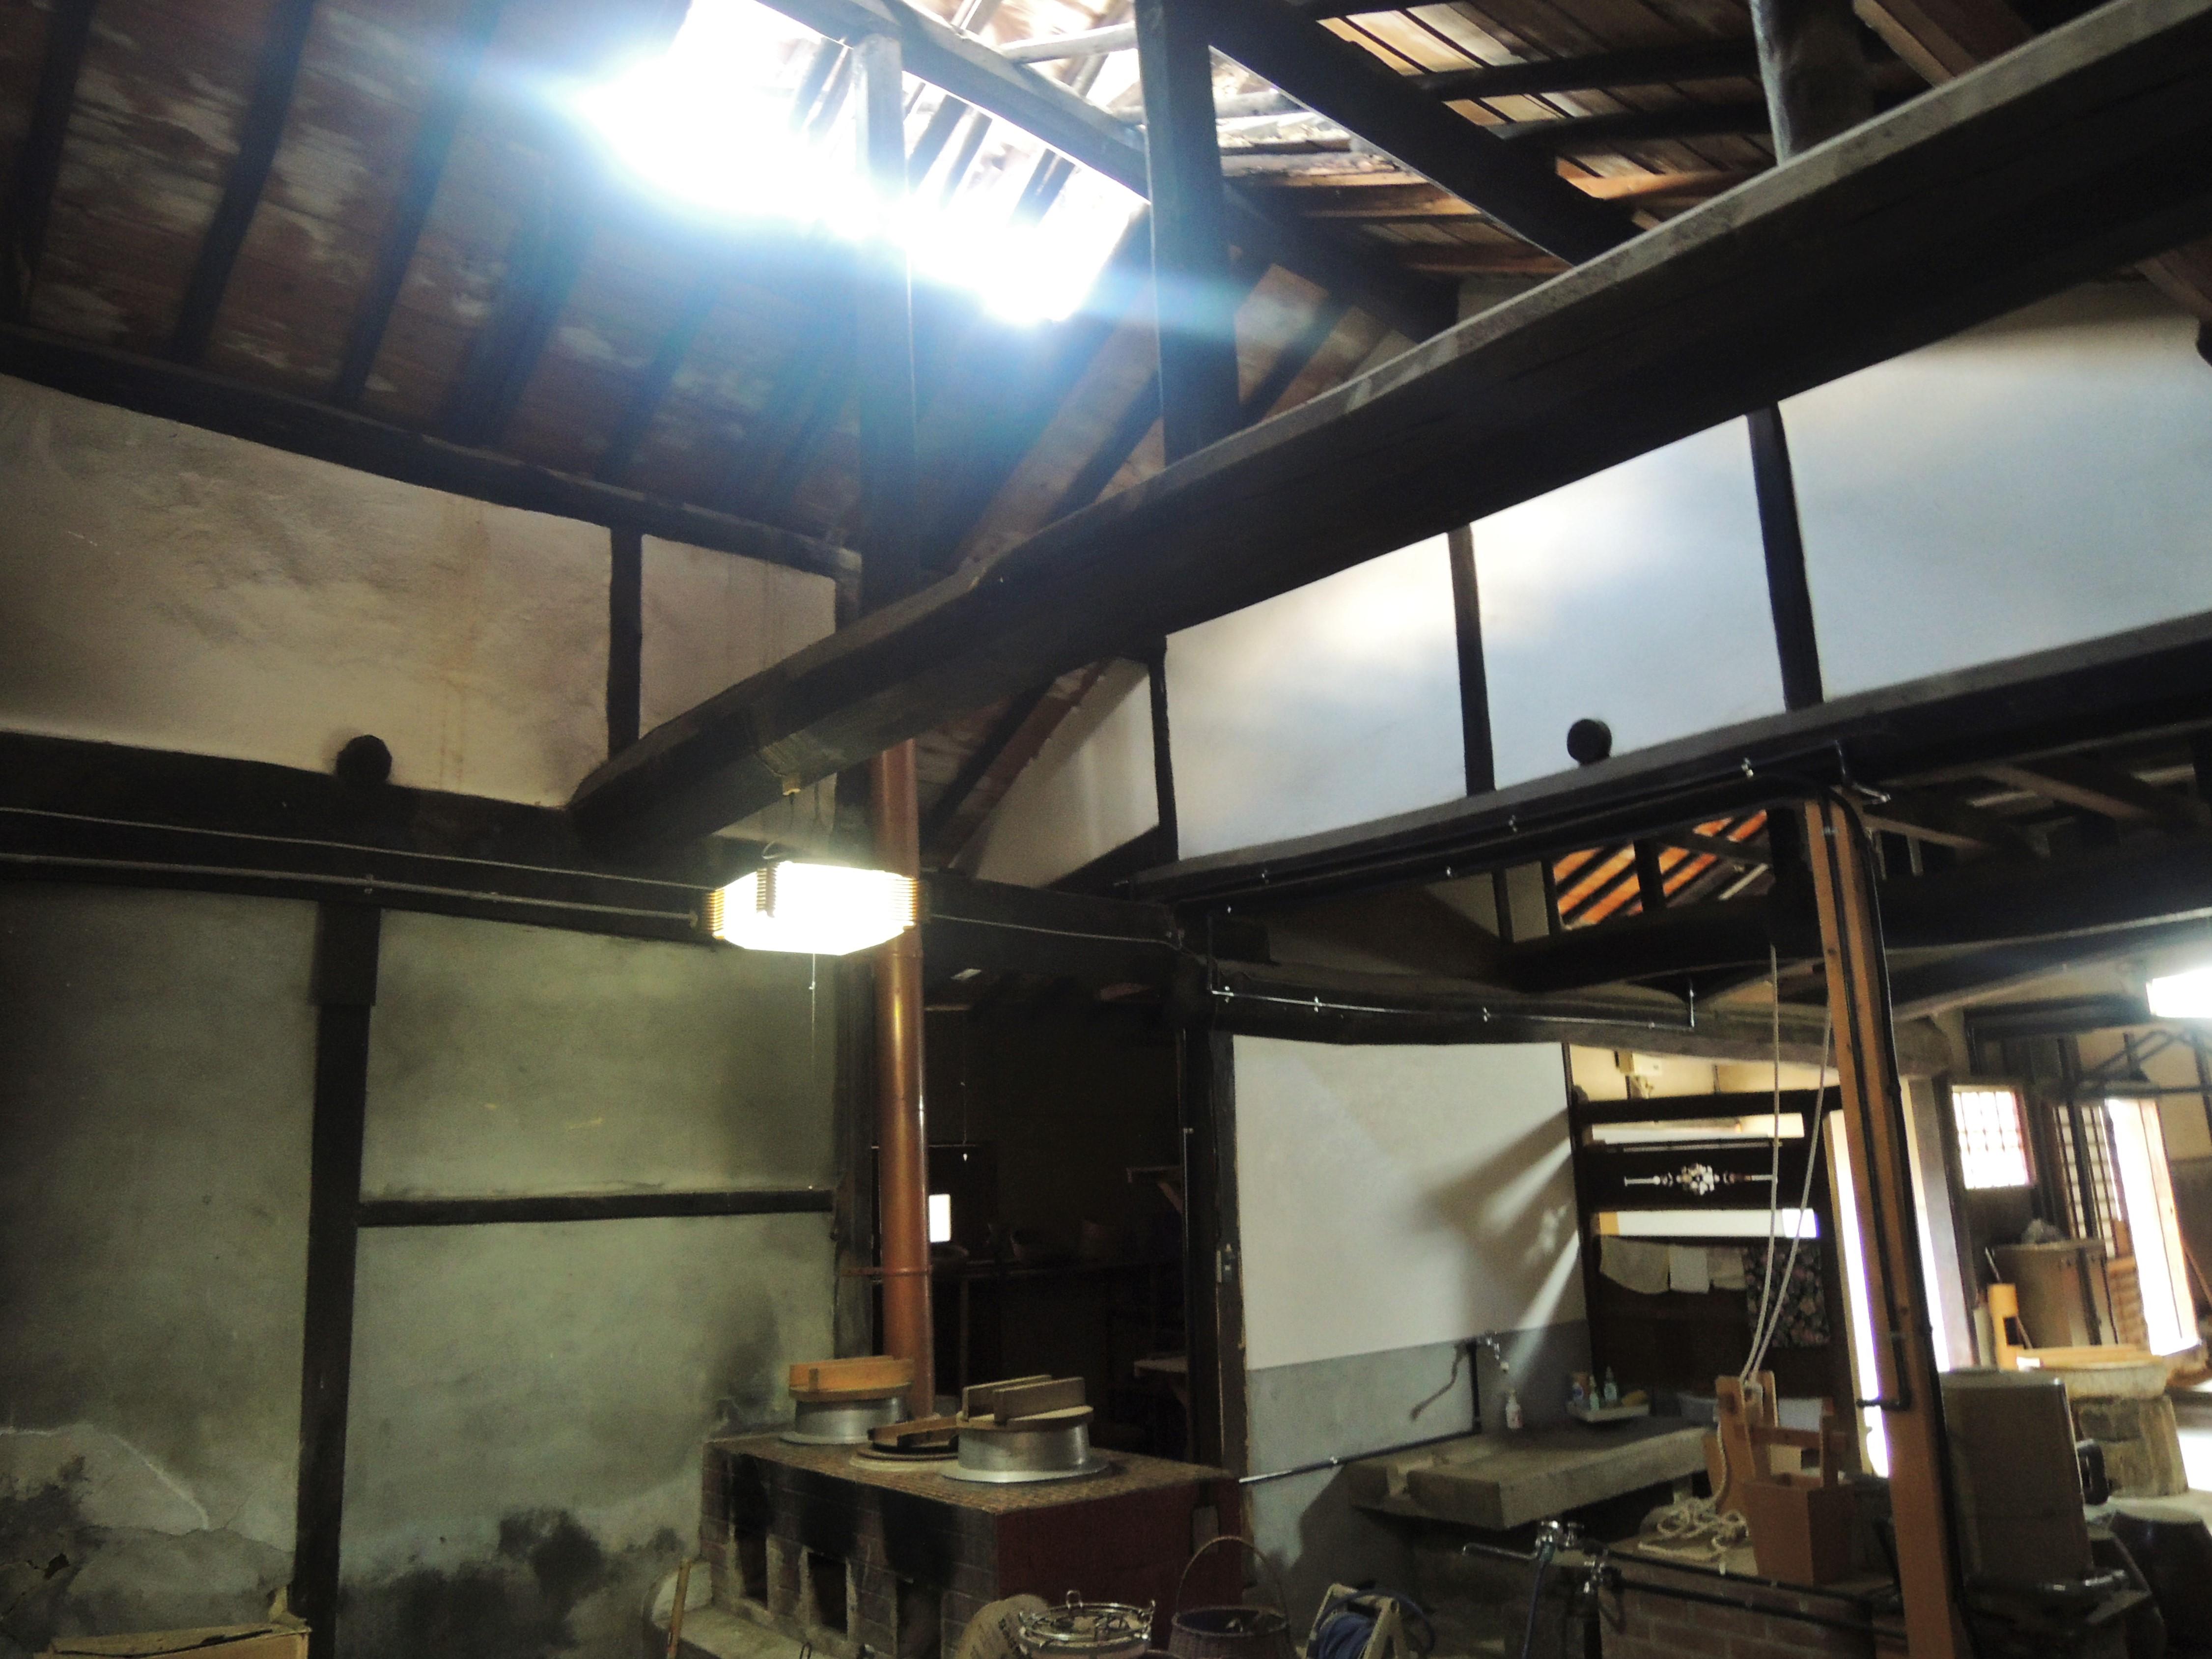 <p>煙出しのある台所棟</p>土間床で井戸・竈・流しがあり,煙出から明るい光も入る。以前は竈に7個の焚口があり大人数の食を賄った。